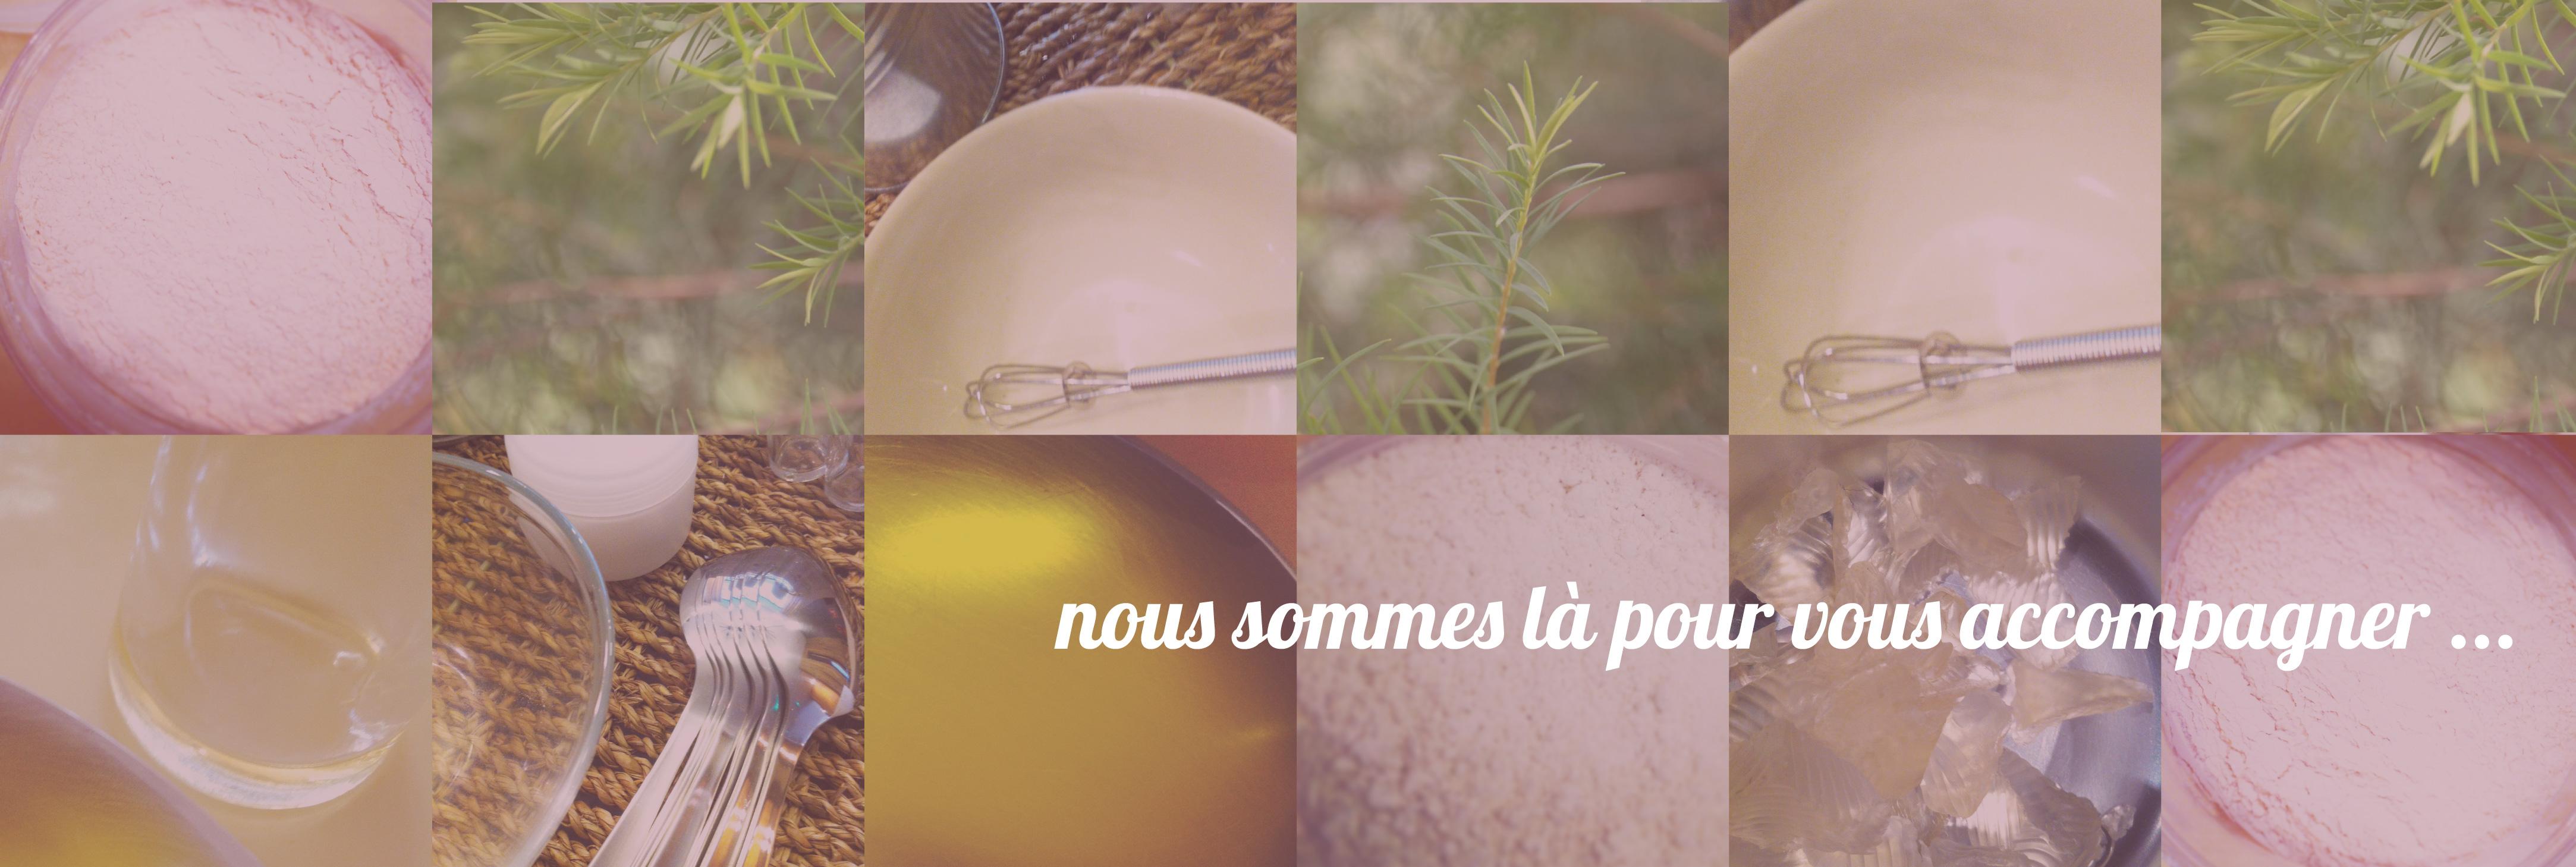 Les Ateliers de la Souris Verte Apprenez avec Marie Bousquet experte en aromathérapie à utiliser les HUILES ESSENTIELLES et à fabriquer par vous-même votre GAMME PRODUITS DE SOINS & BIEN-ÊTRE #slowcosmetique #vraimentnaturel